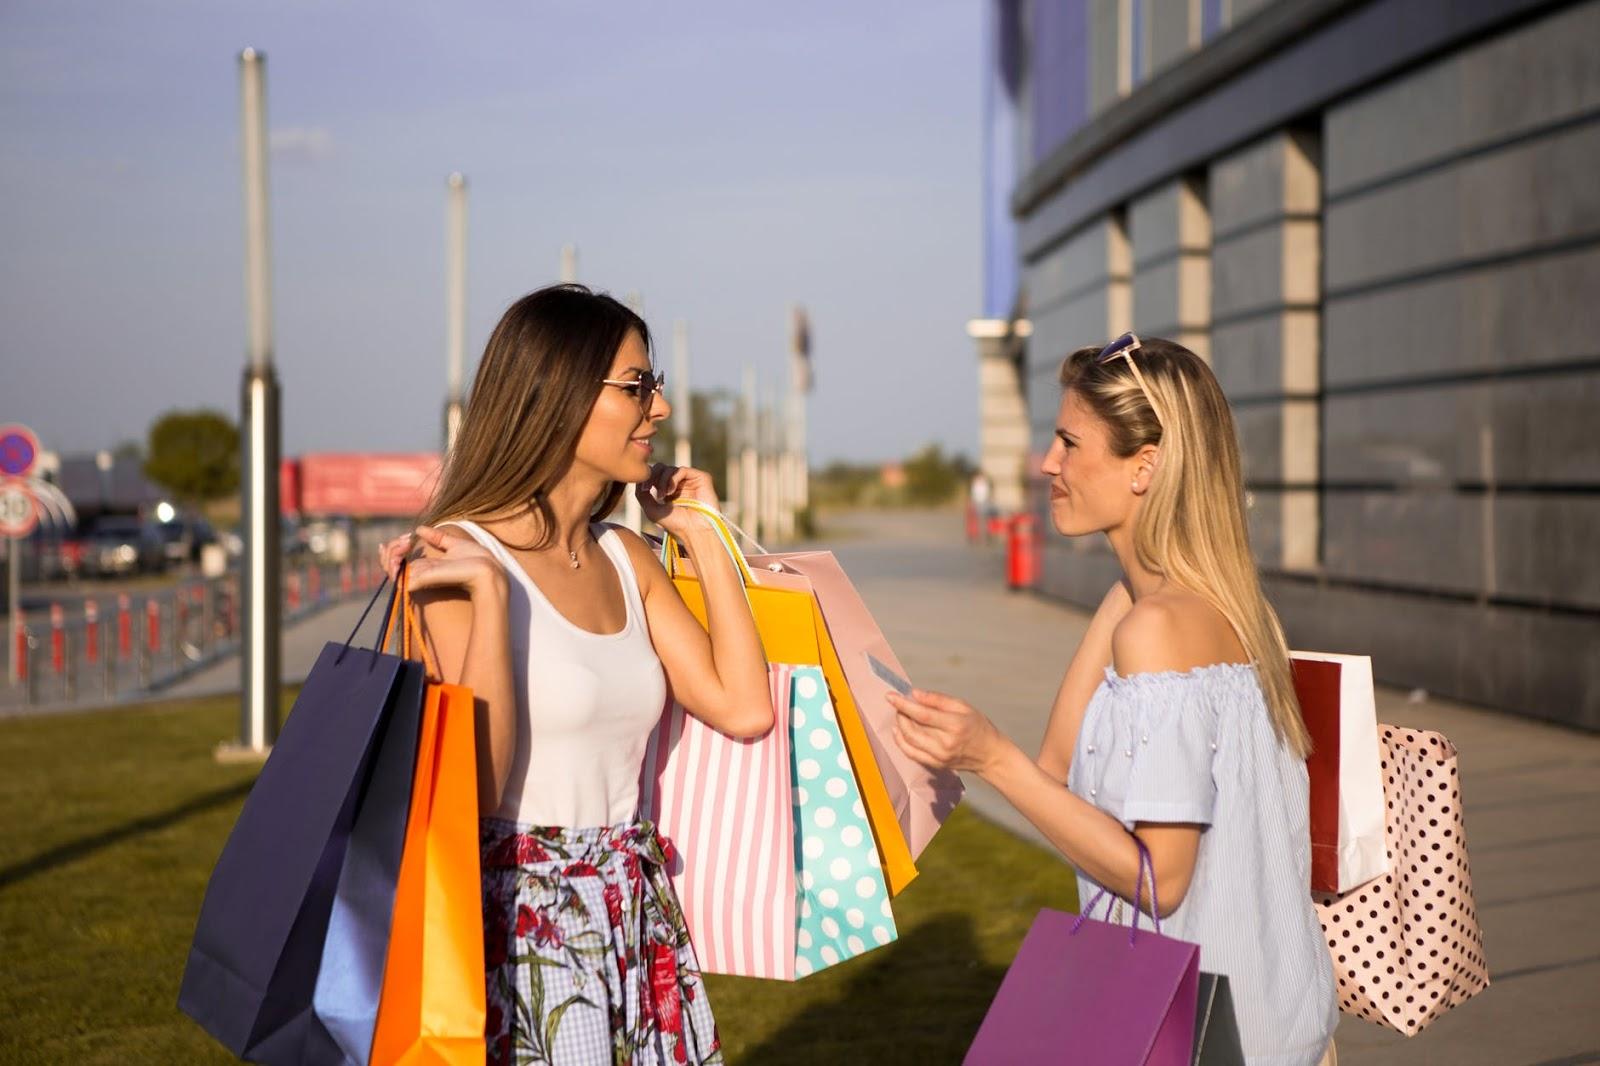 كونكريت - ملابس كونكريت - أفضل ماركات الملابس - داليدرس - فيبيولاس - موباكو - ملابس راقية - موضة - ملابس موضة